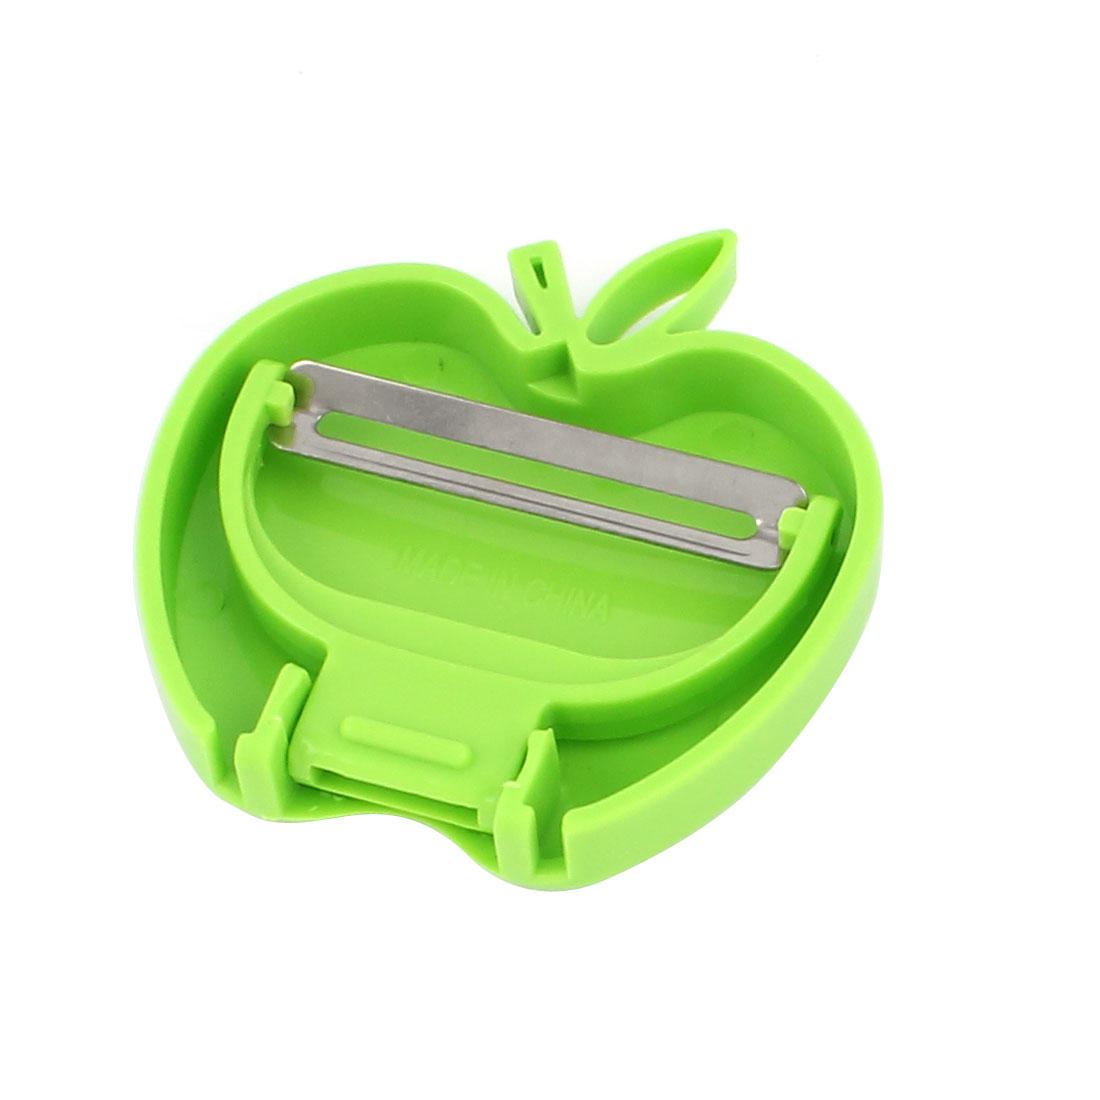 Kitchen Green Plastic Grip Stainless Steel Apple Shape Fruit Vegetable Peeler